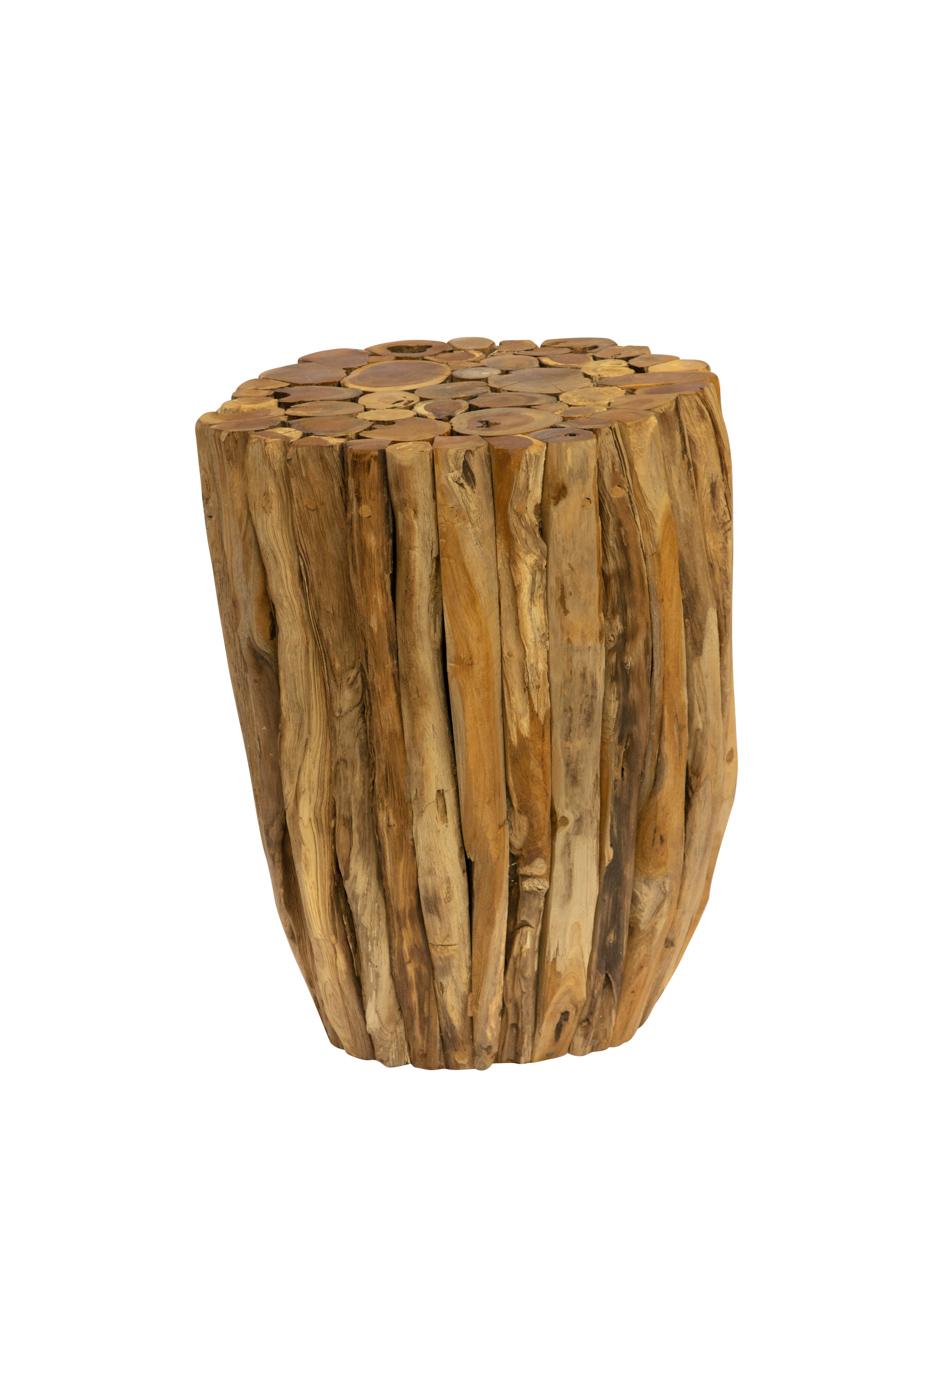 Natural teak wood log, 45 Cm